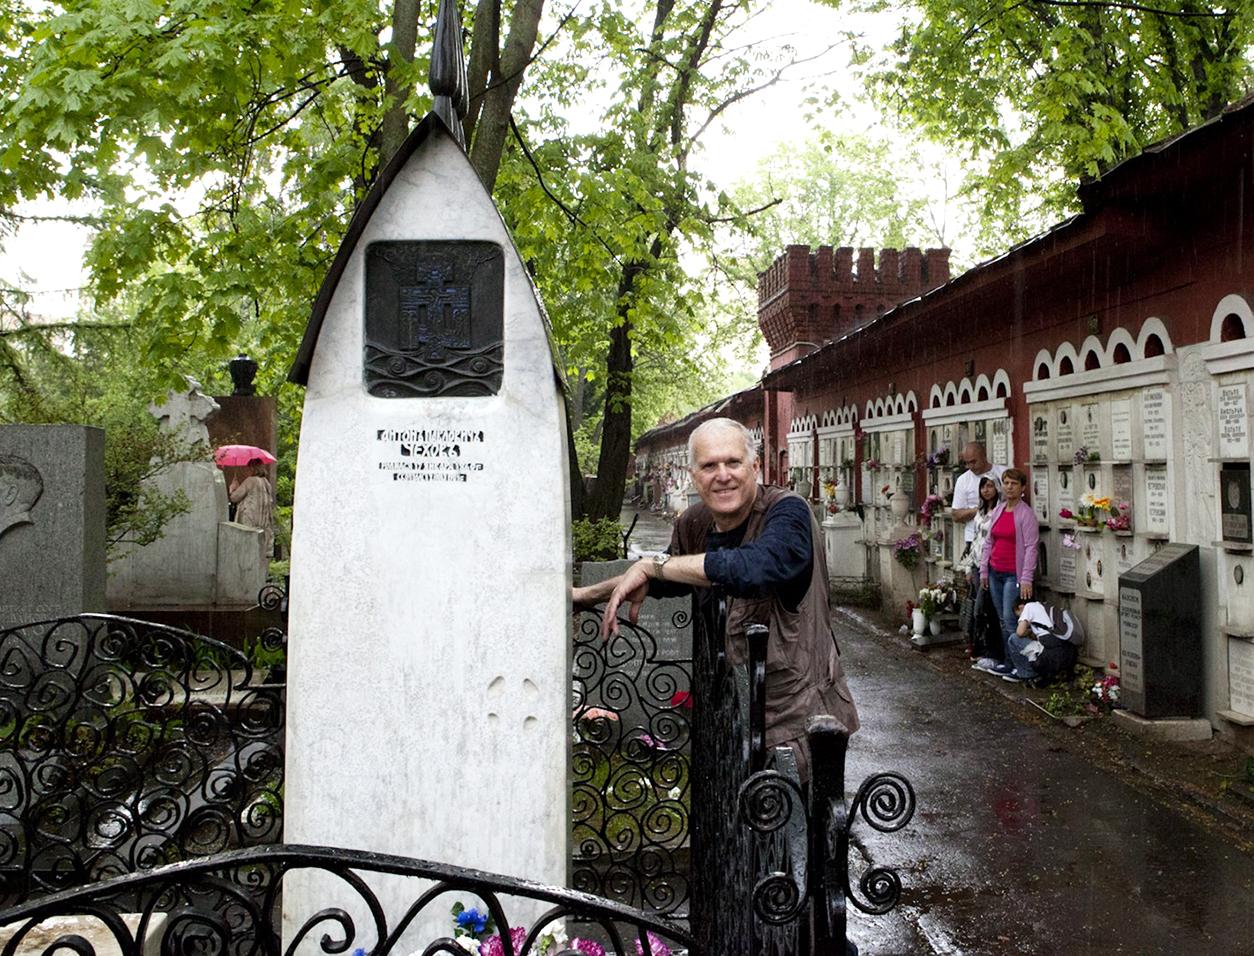 Chekhov grave, novodevichy cementery, anton chekhov, moscow, Jeffrey-M-Levine-MD; Jeff-Levine, Dr-Jeffrey-Levine, Jlevinemd, levineartstudio,